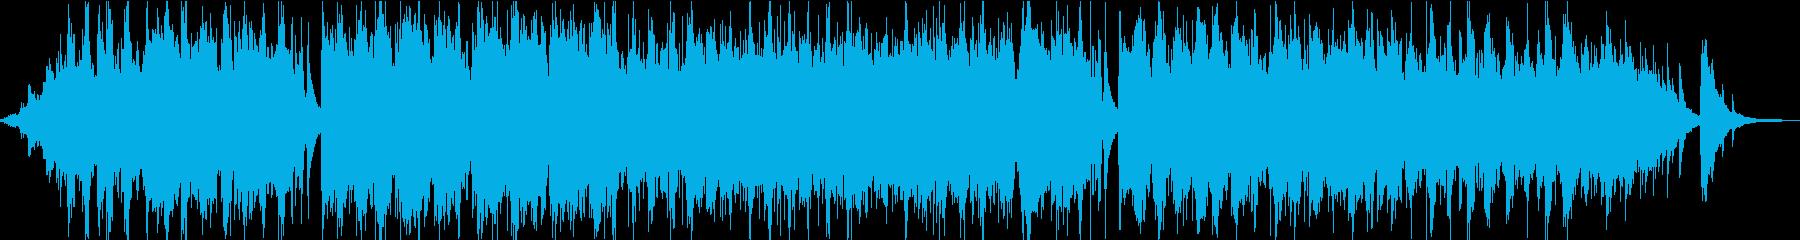 幻想的なアコギのアンビエントの再生済みの波形